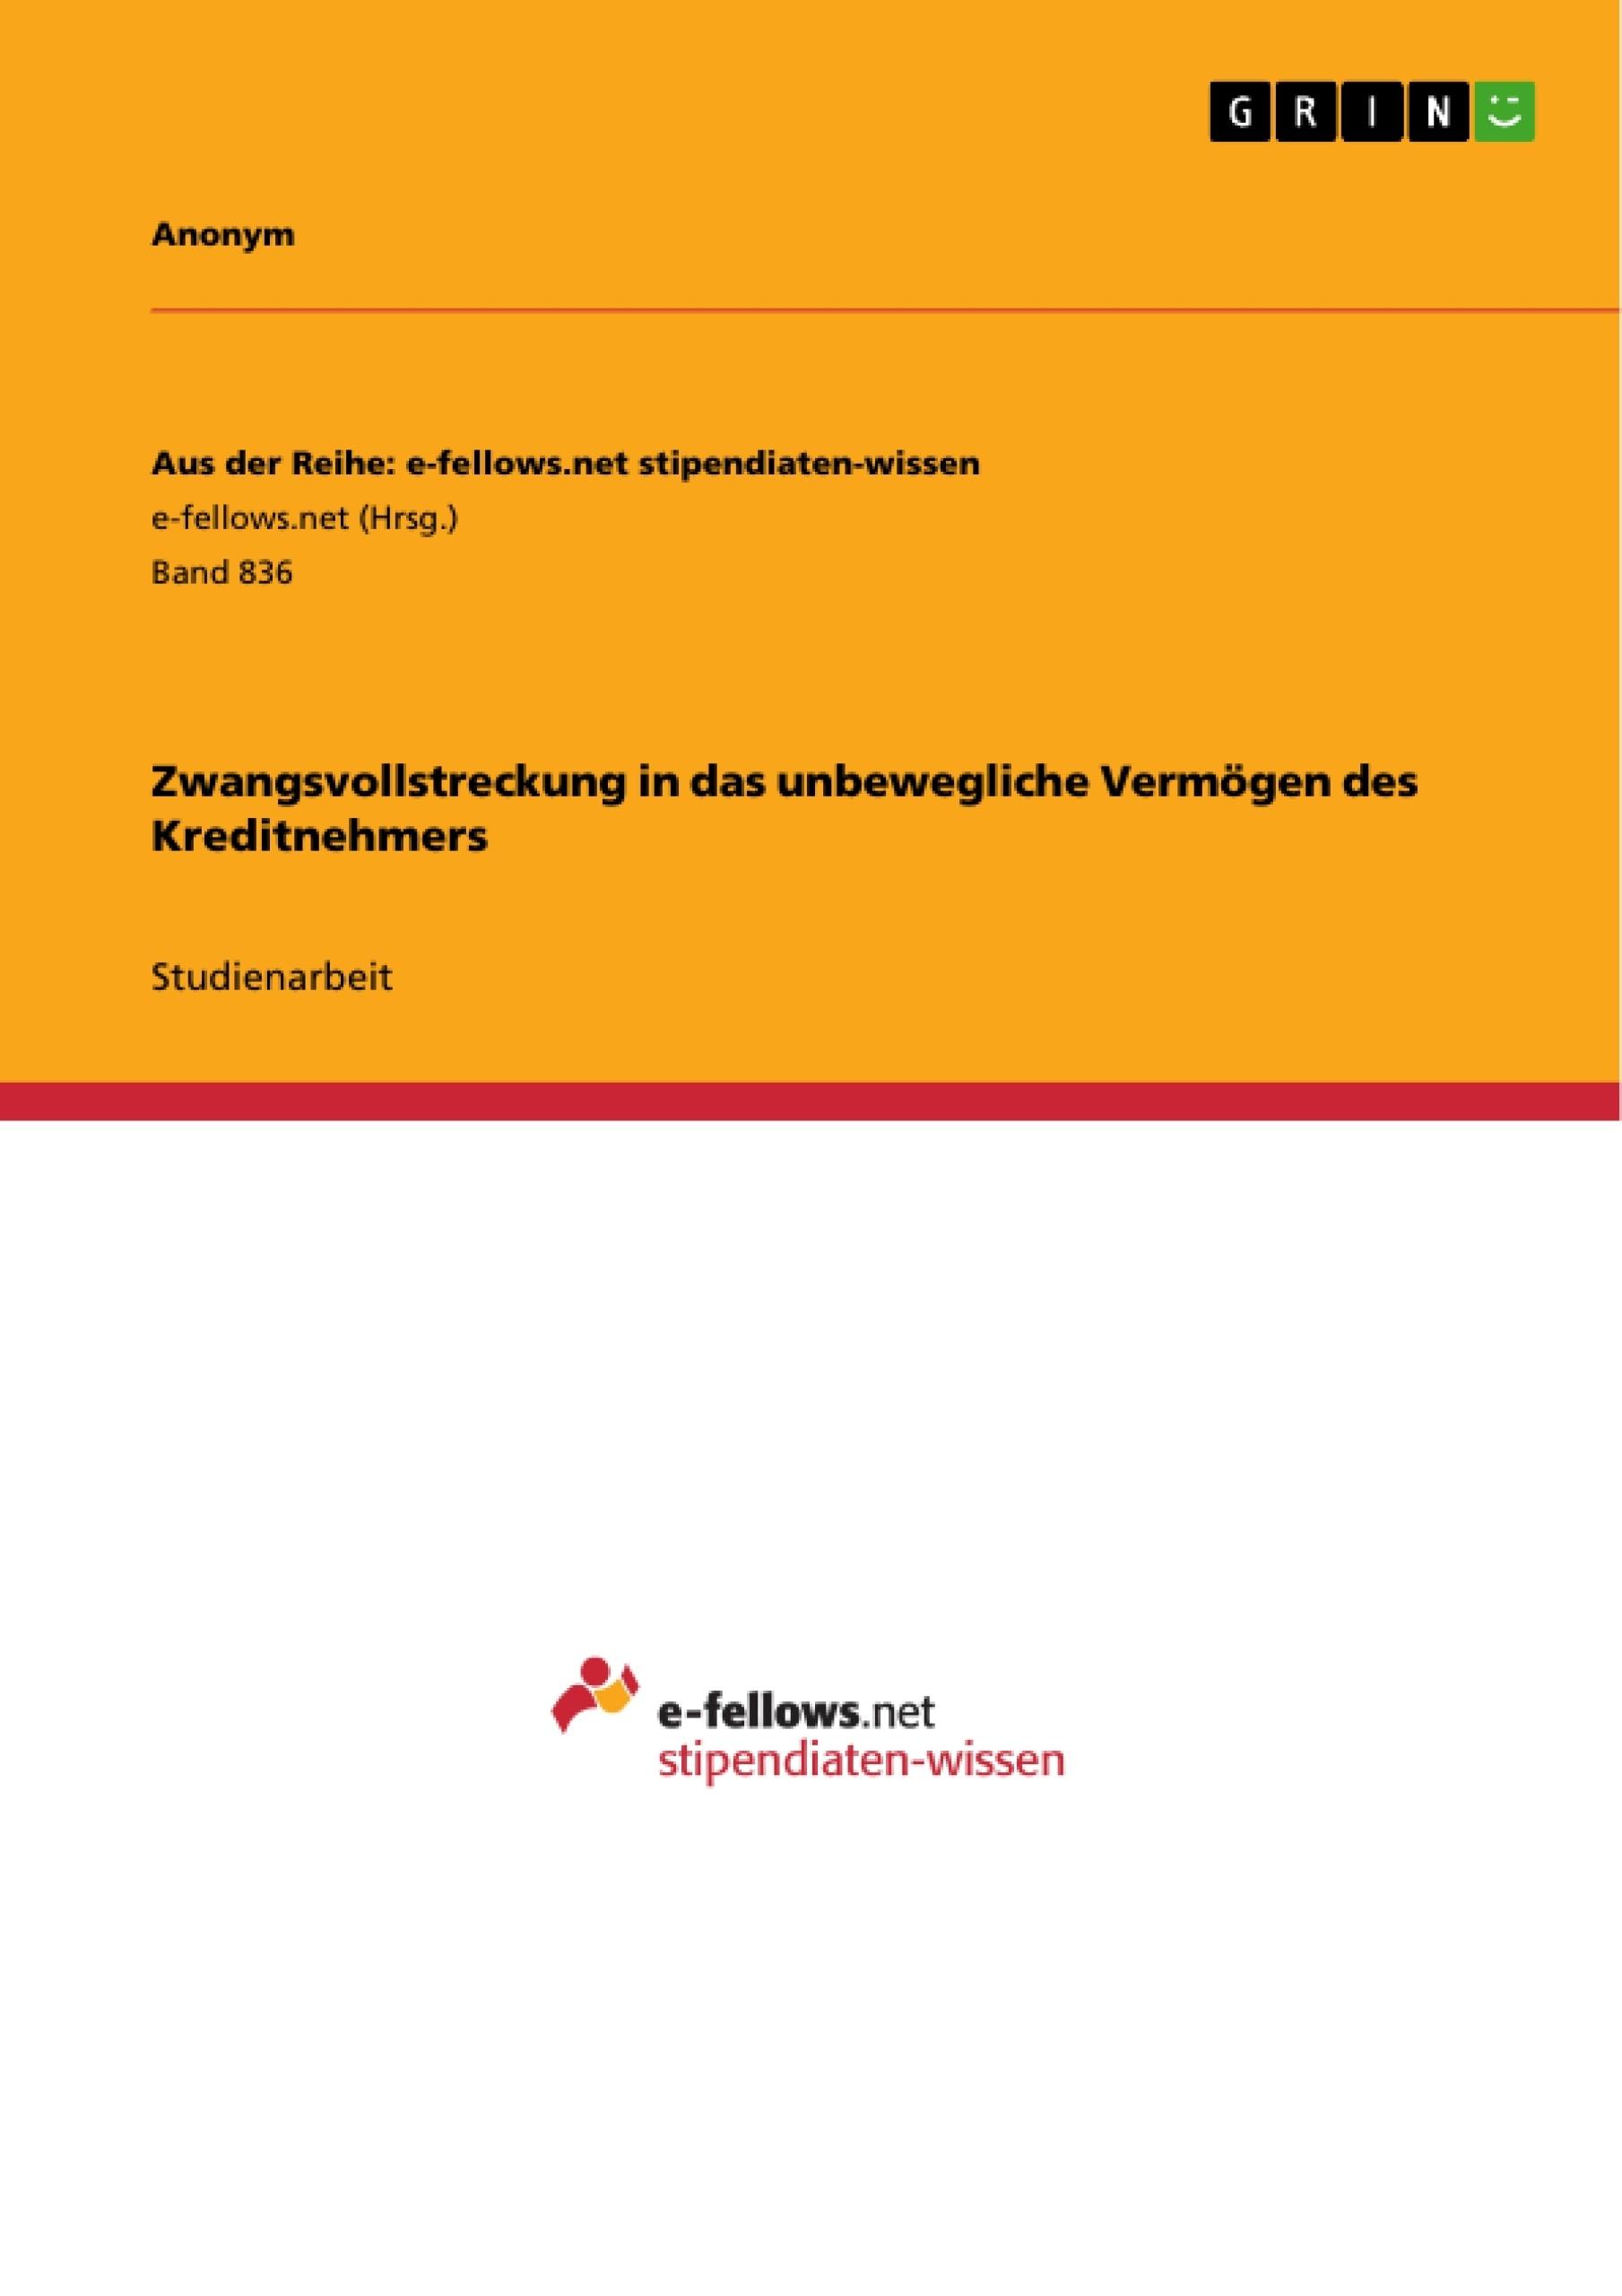 Titel: Zwangsvollstreckung in das unbewegliche Vermögen des Kreditnehmers